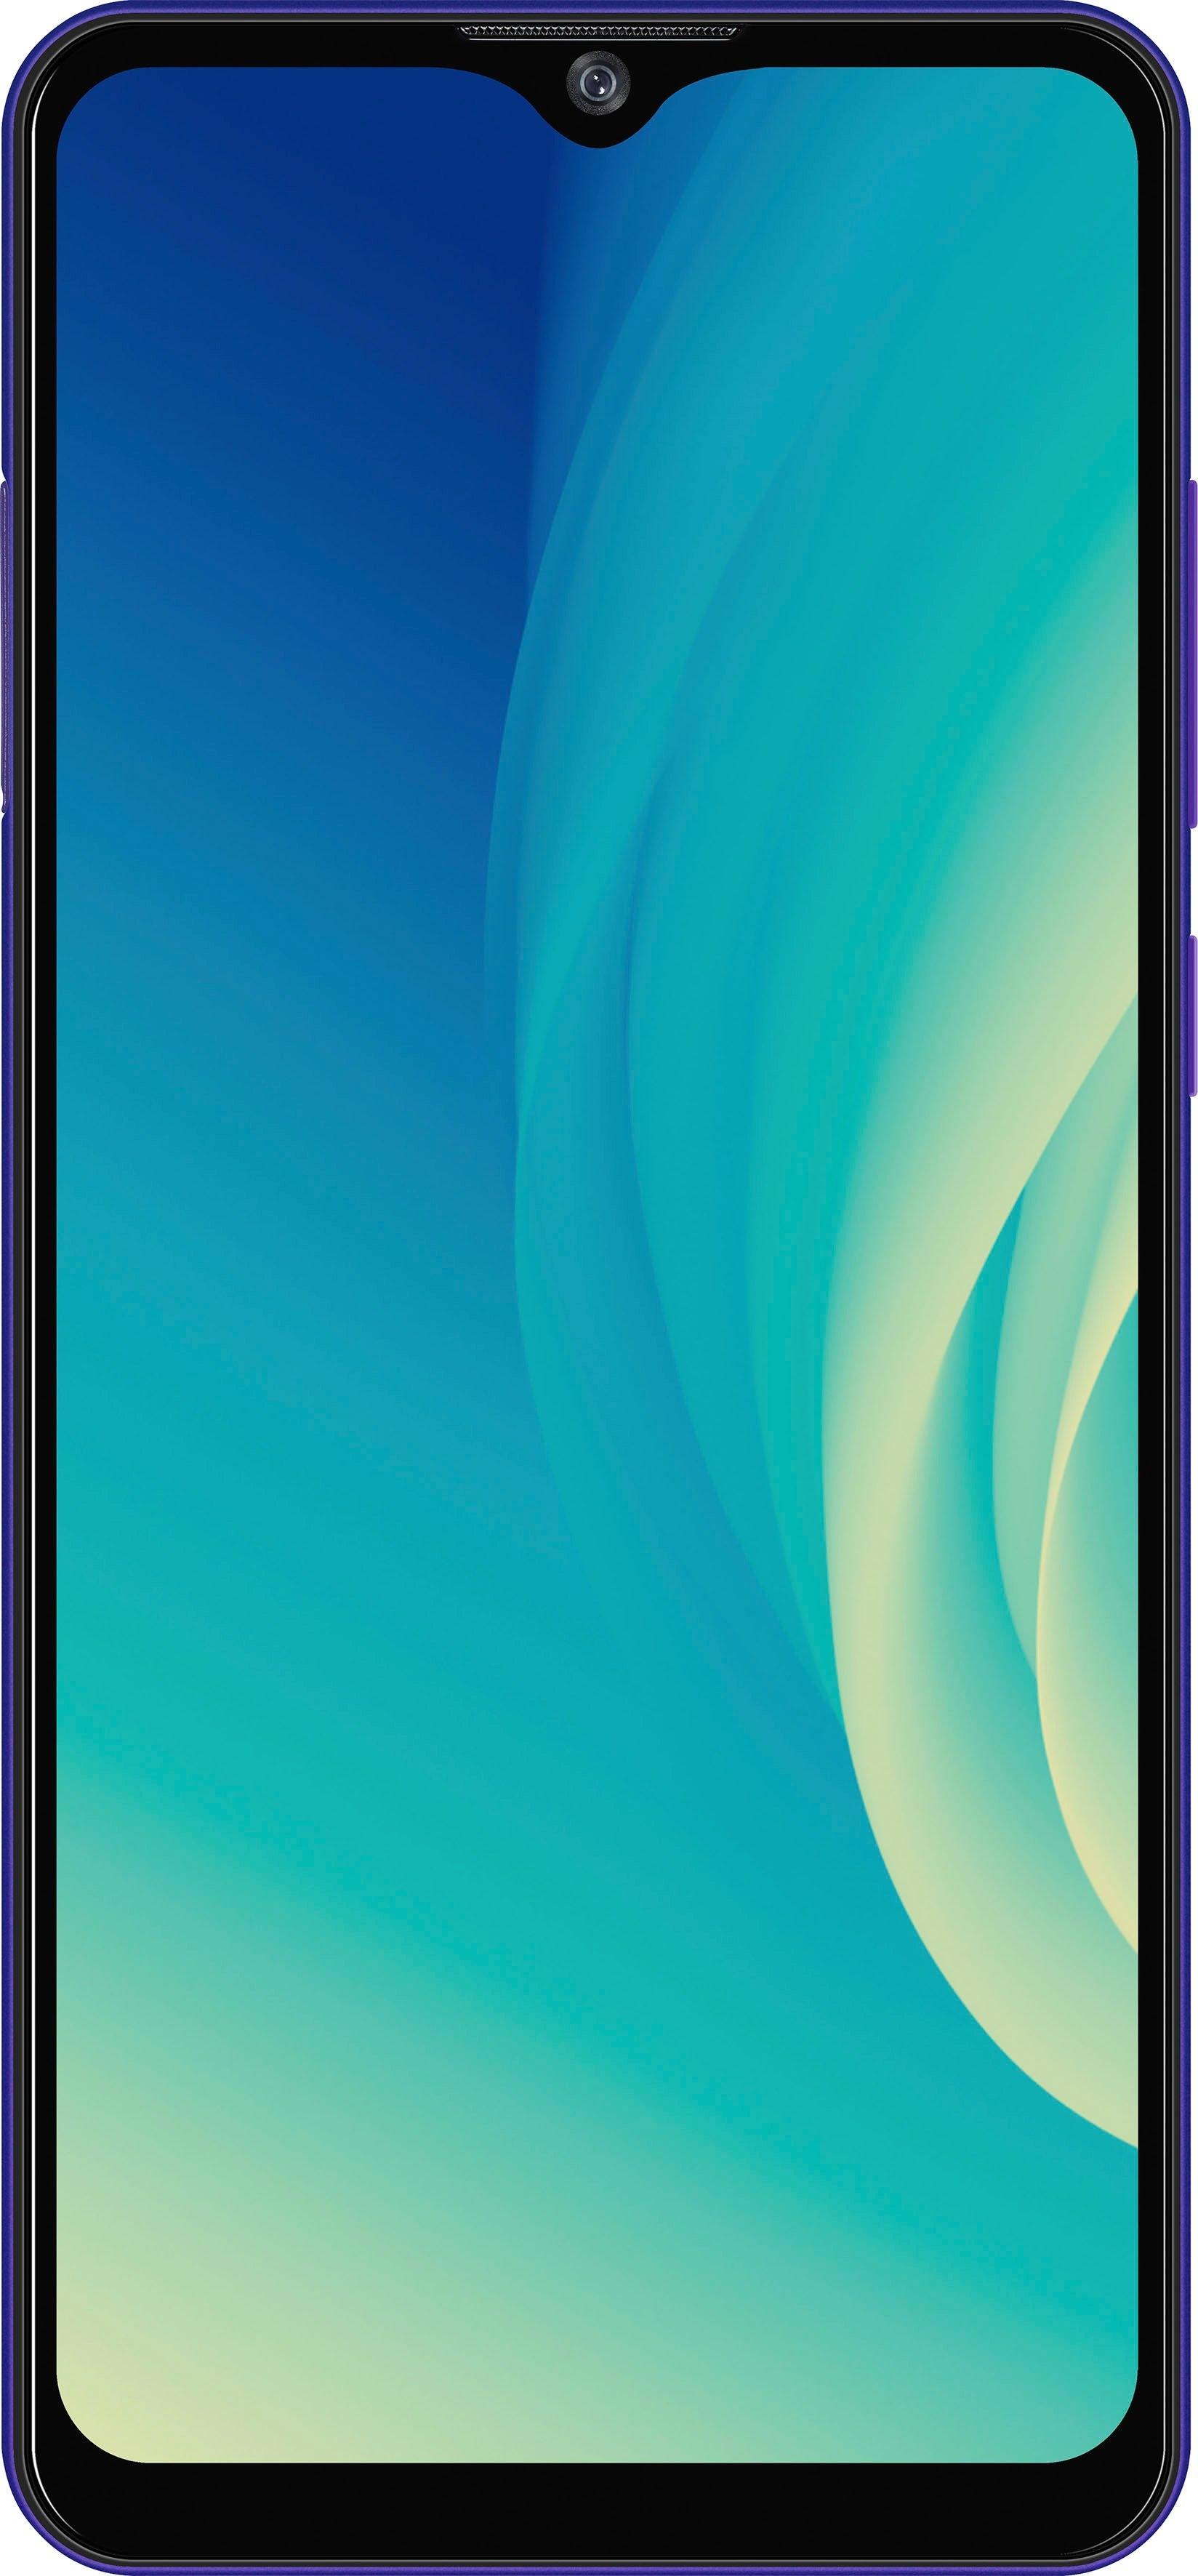 ZTE smartphone Blade A7s 2020, 64 GB nu online bestellen